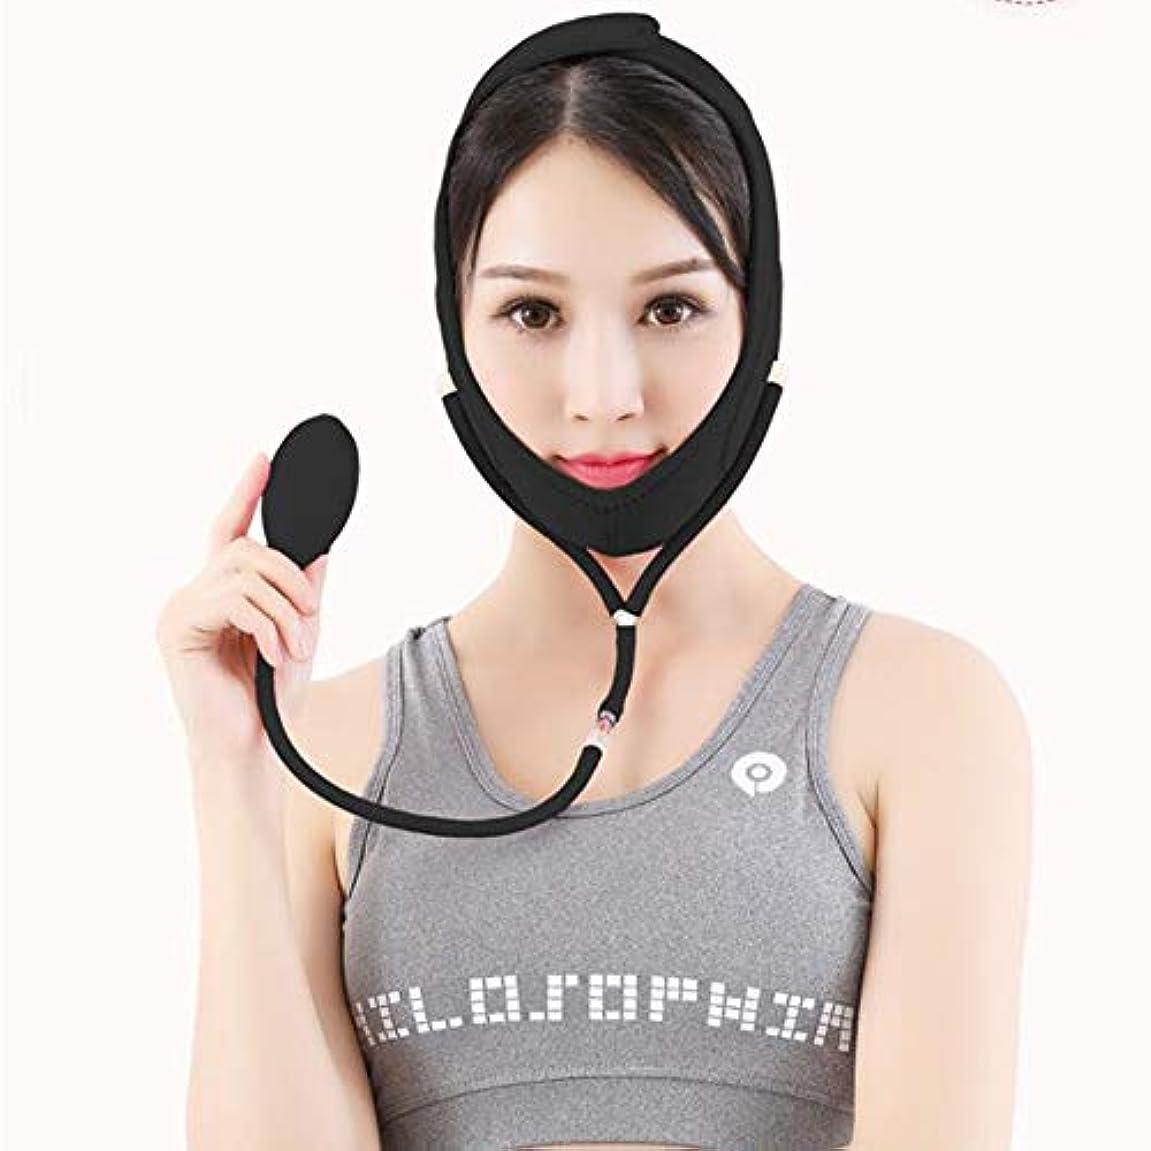 登録する無駄だ真面目なGYZ フェイシャルリフティング痩身ベルトダブルエアバッグ圧力調整フェイス包帯マスク整形マスクが顔を引き締める Thin Face Belt (Color : Black, Size : M)